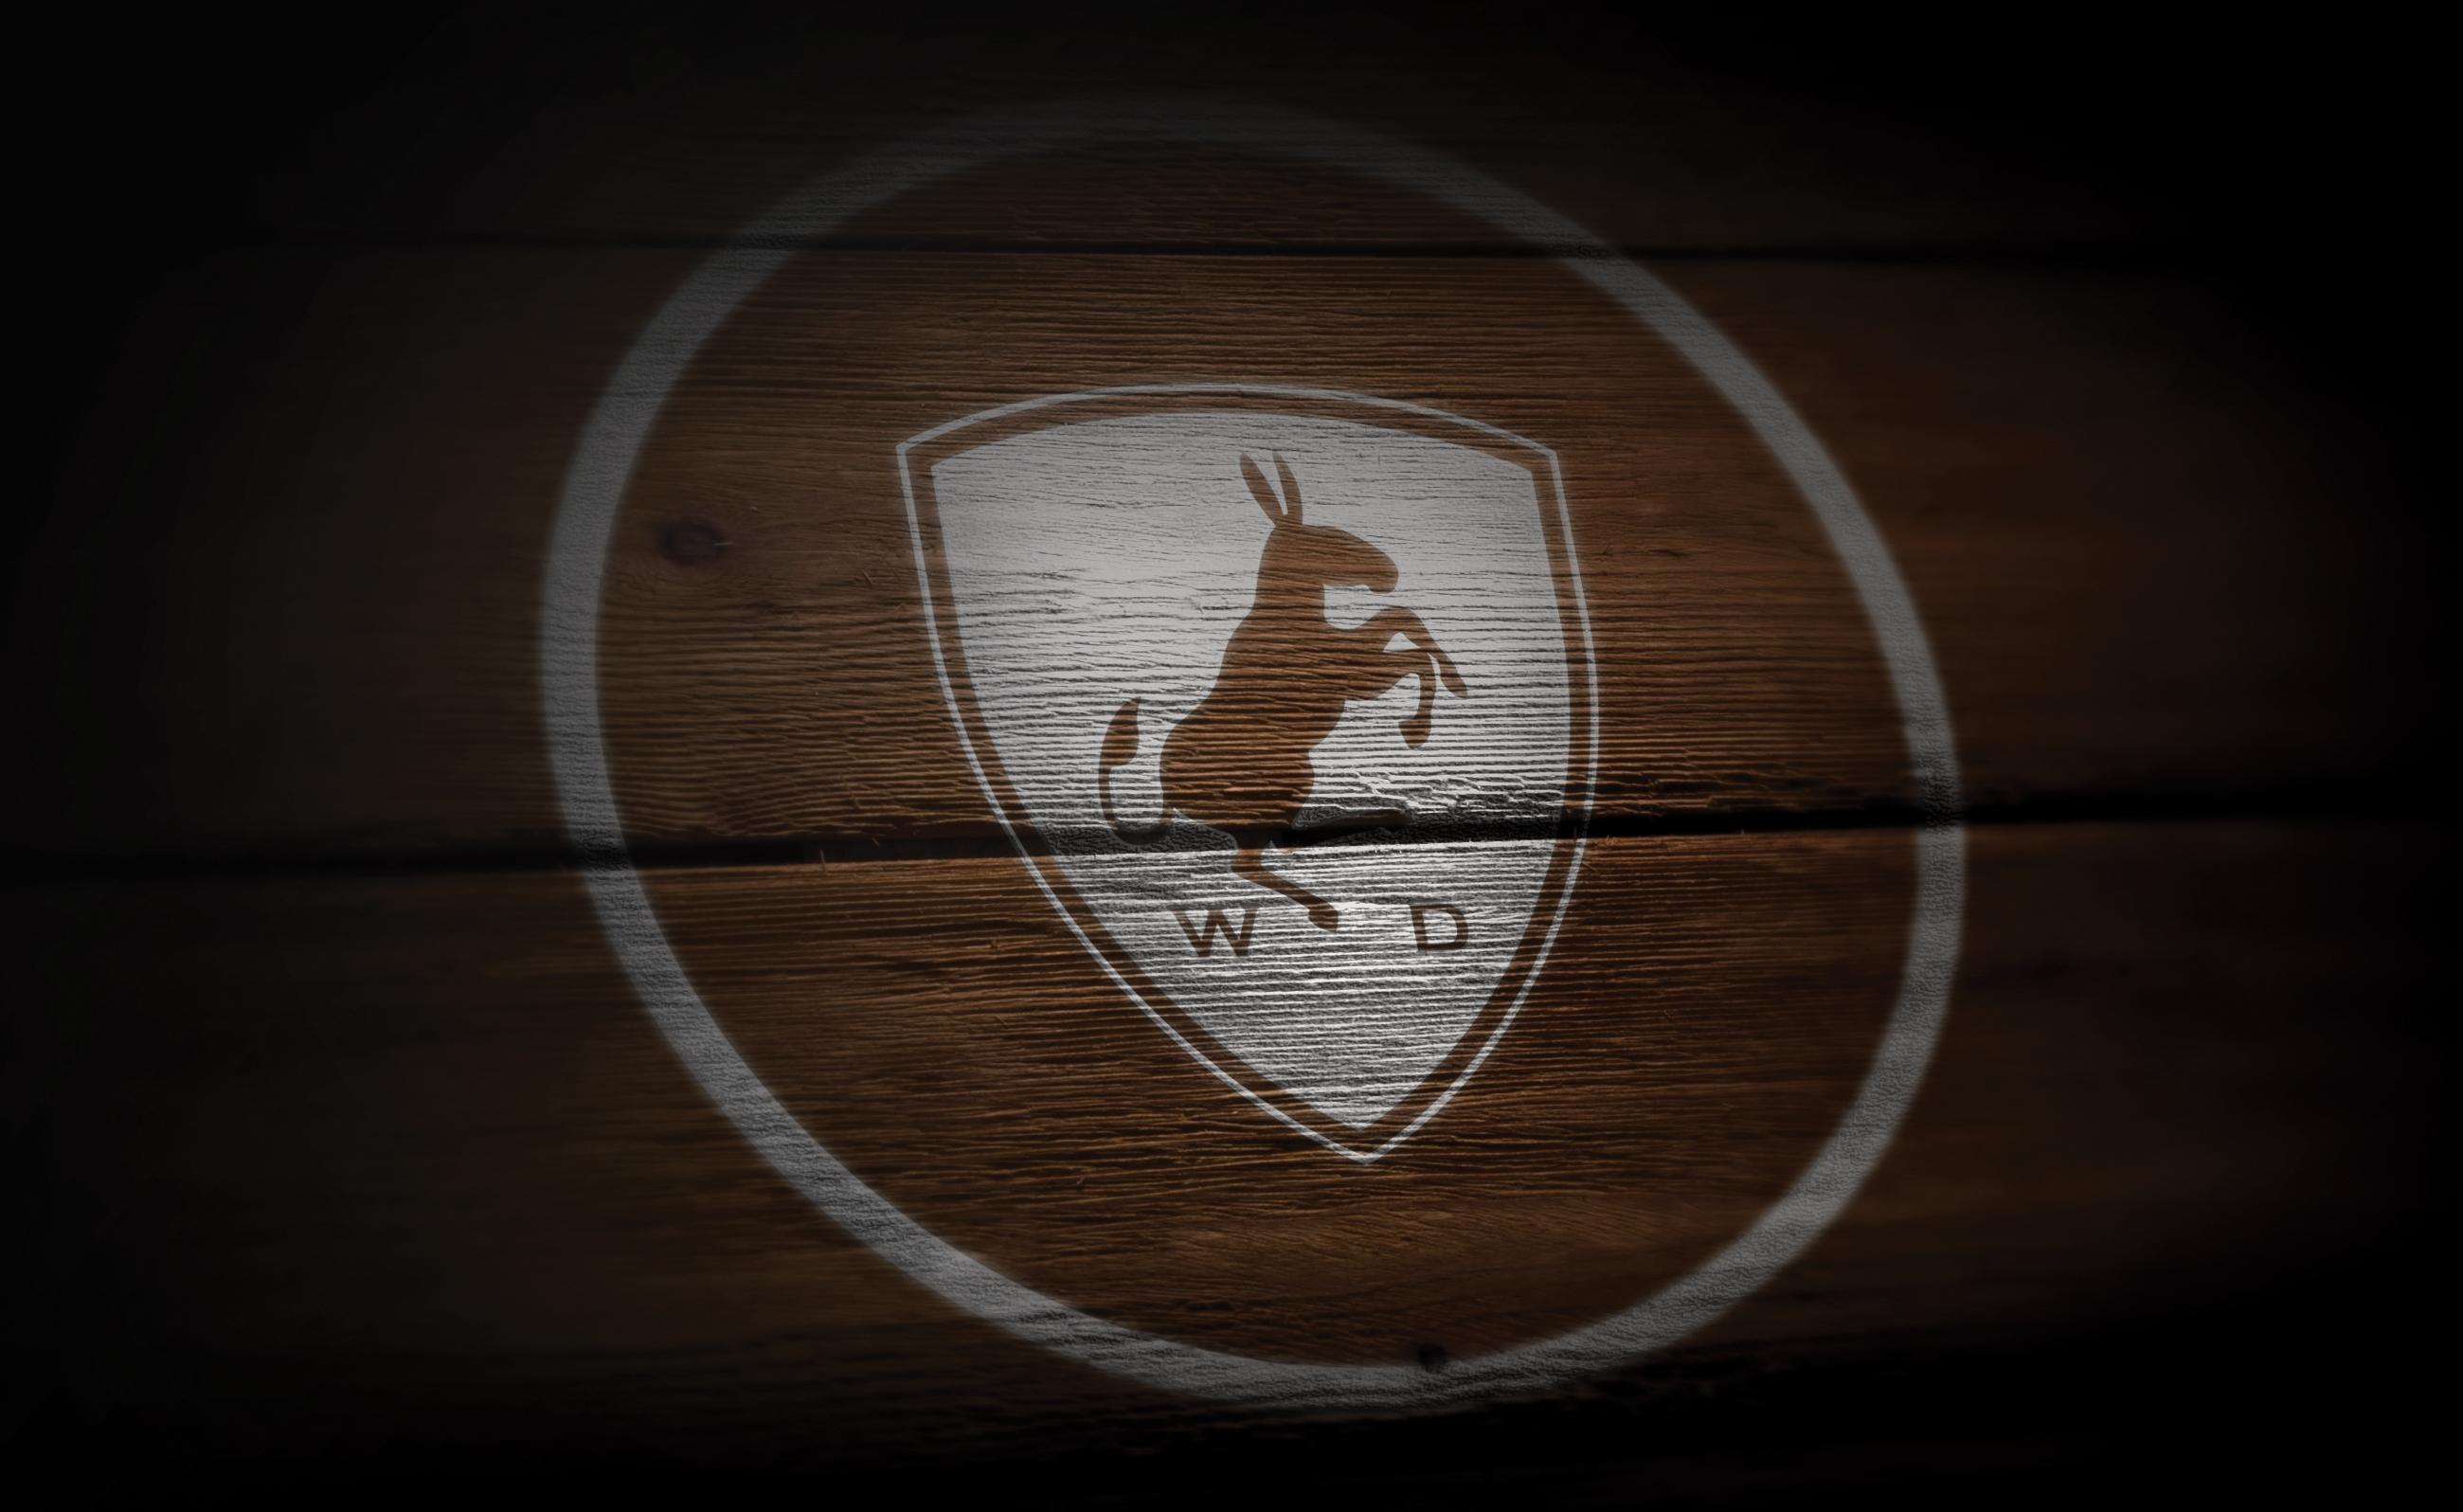 Логотип WD